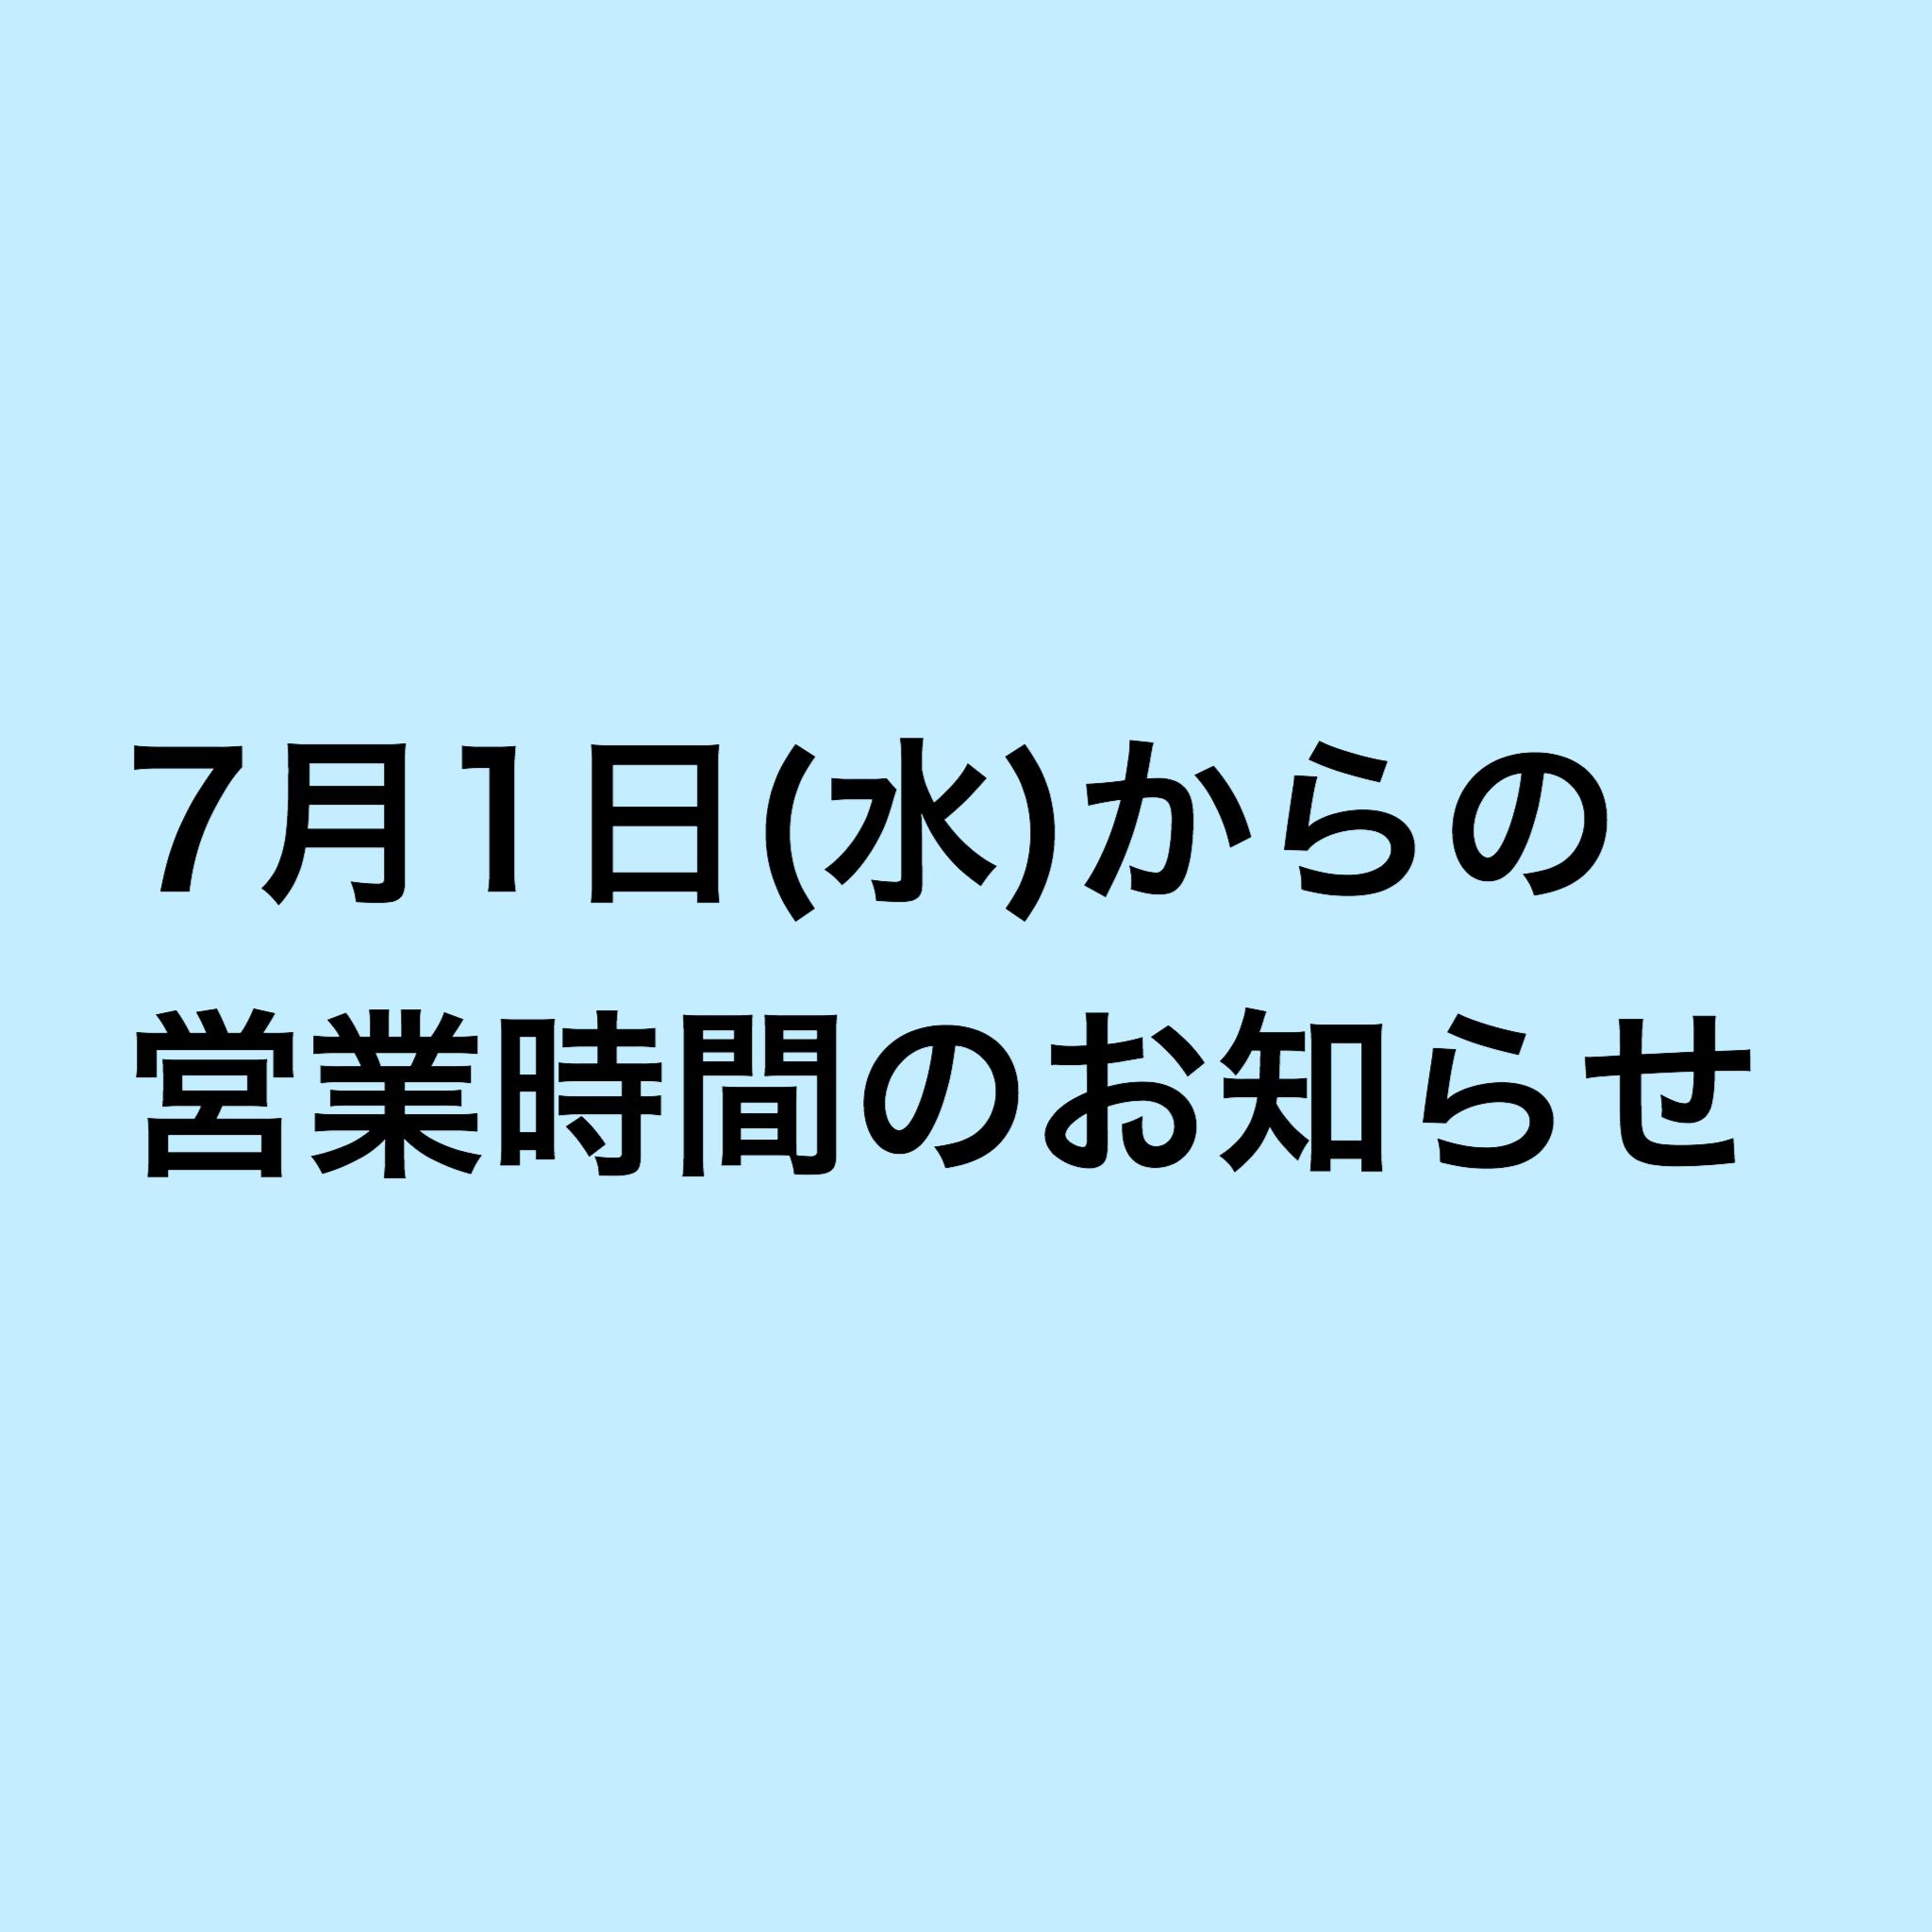 7月1日(水)からの営業時間のお知らせ